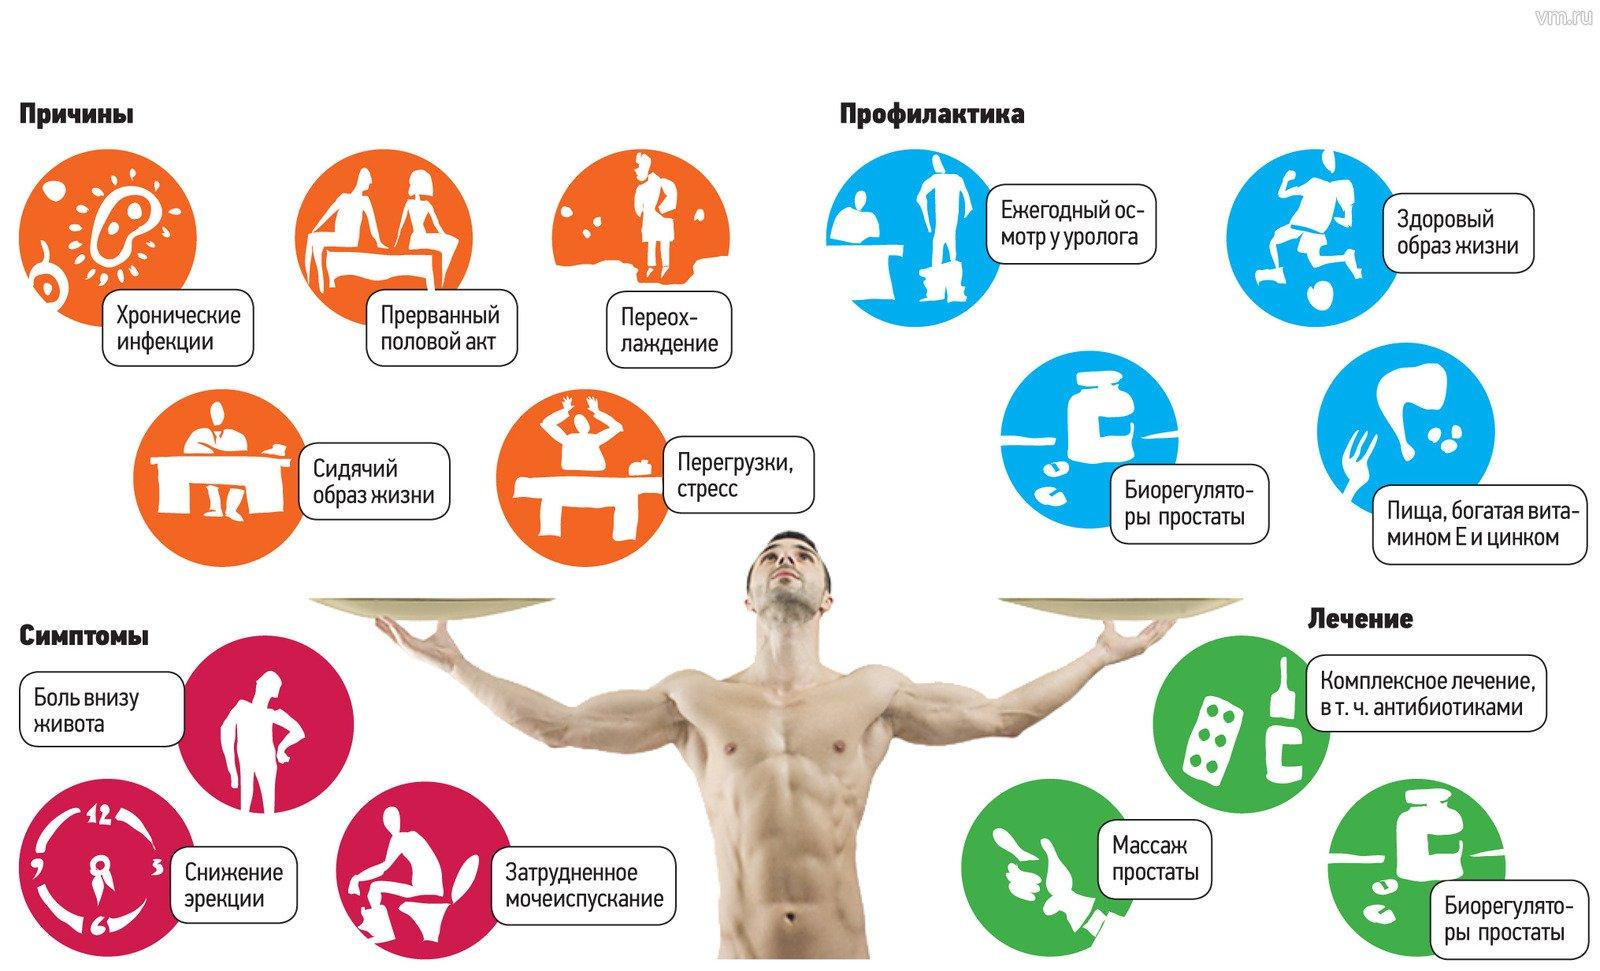 Простатиты у мужчин профилактика лекарства от простатита у мужчин отзывы